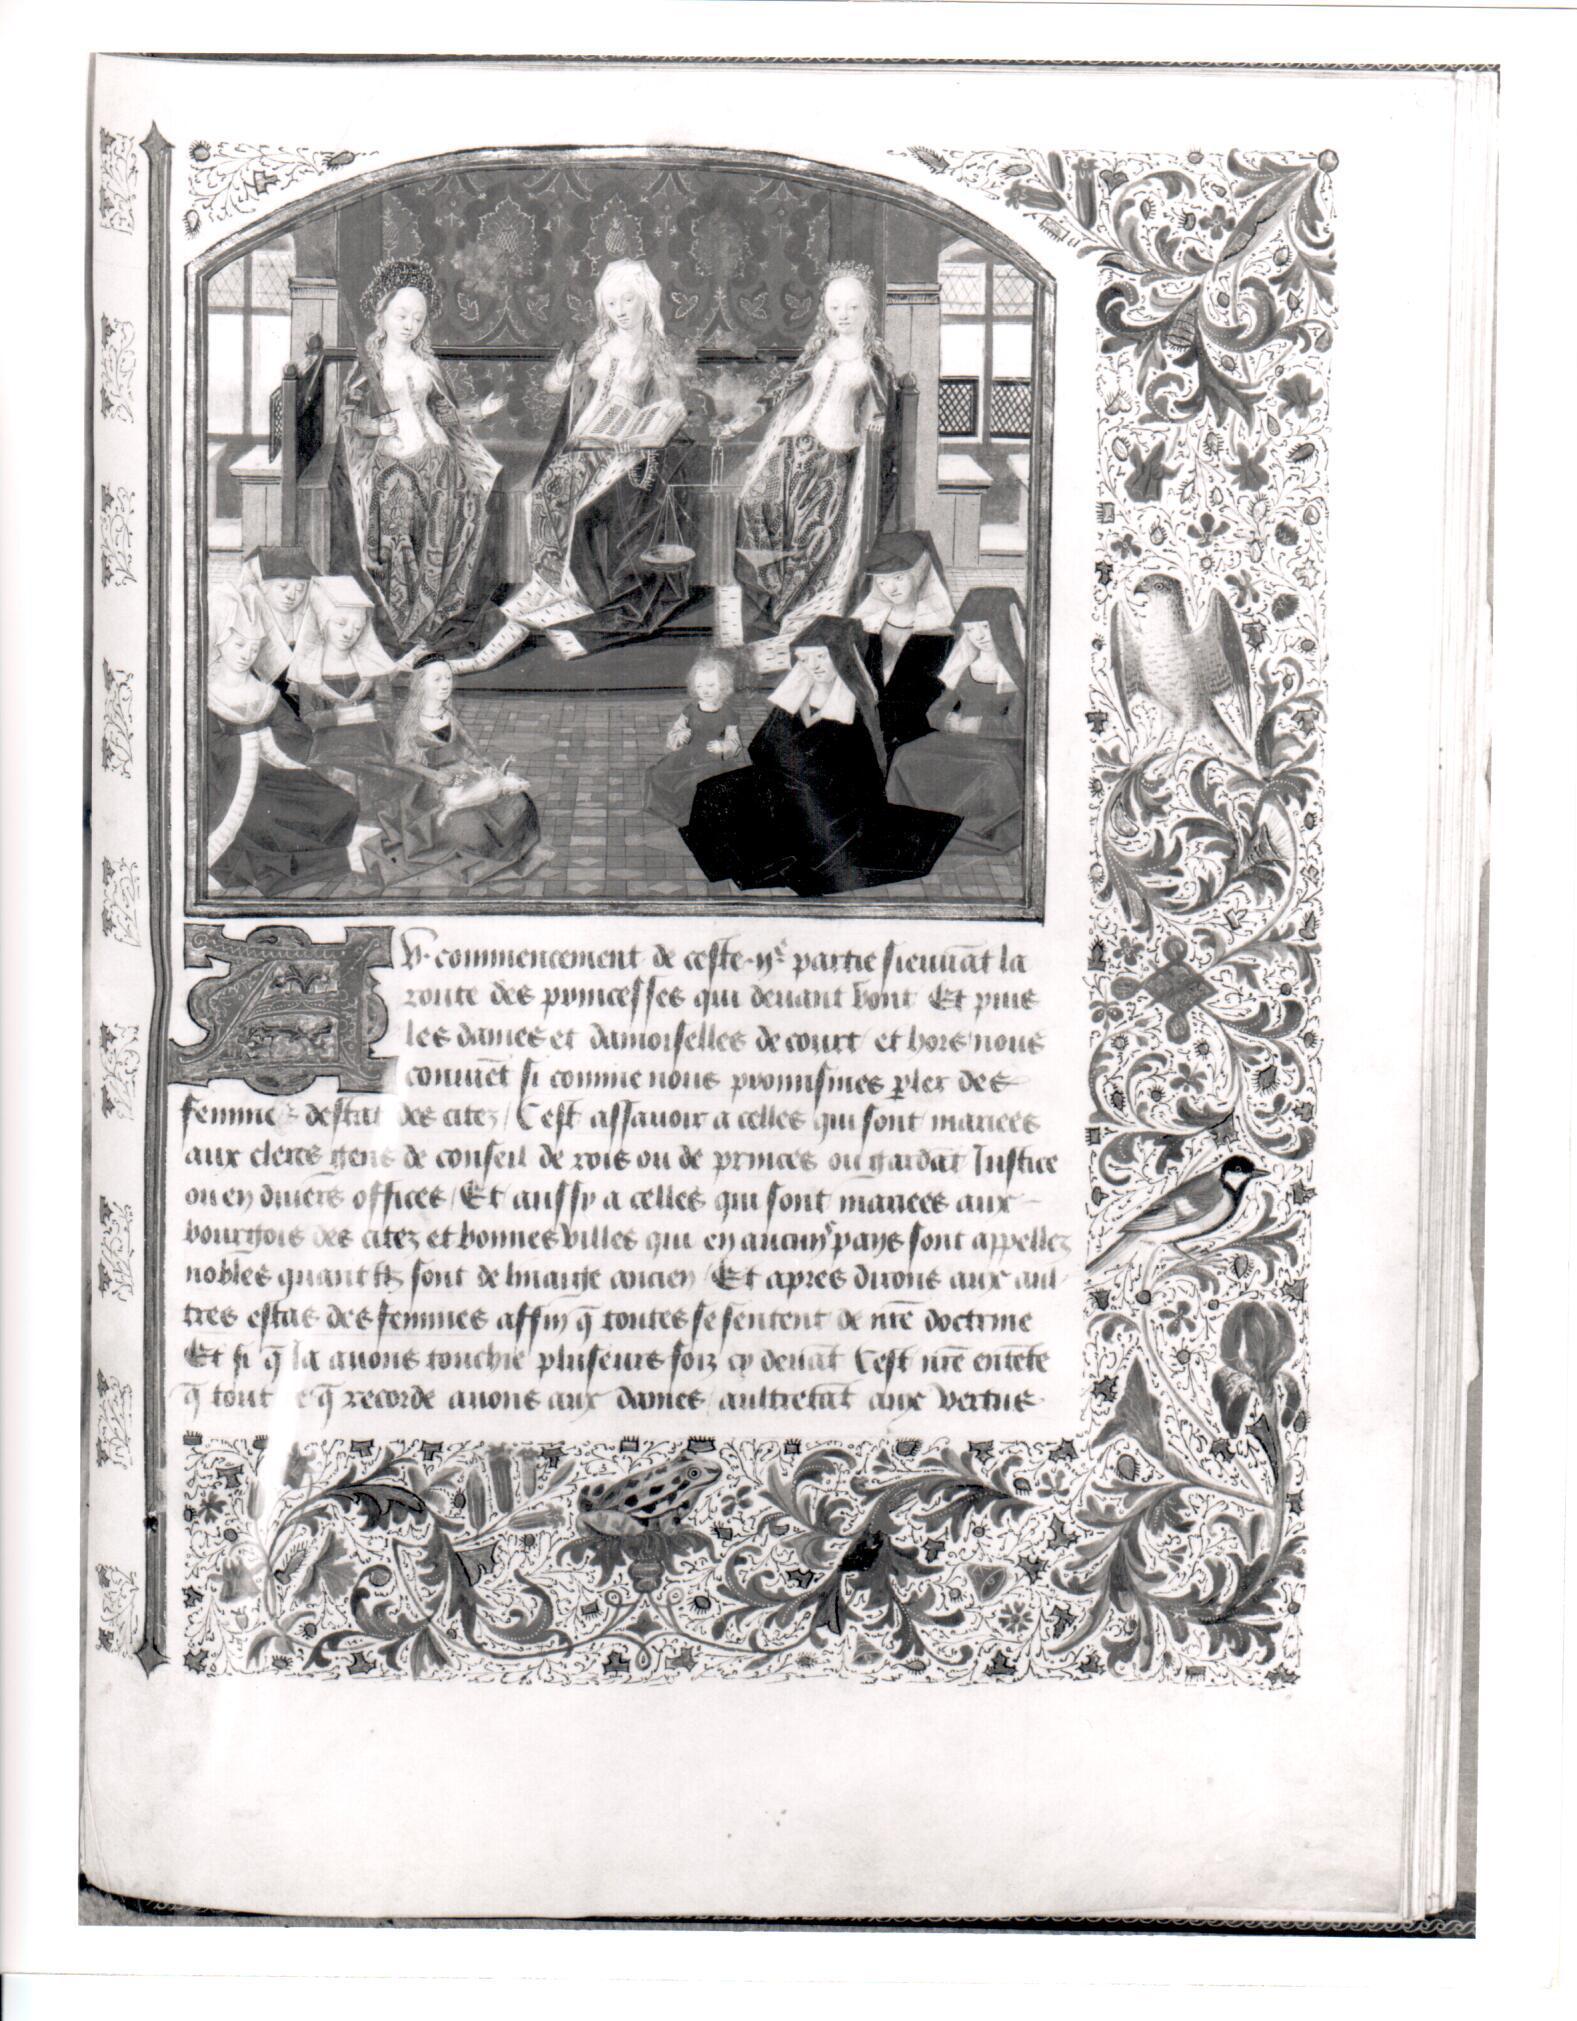 89. Beinecke MS 427, f. 72r.